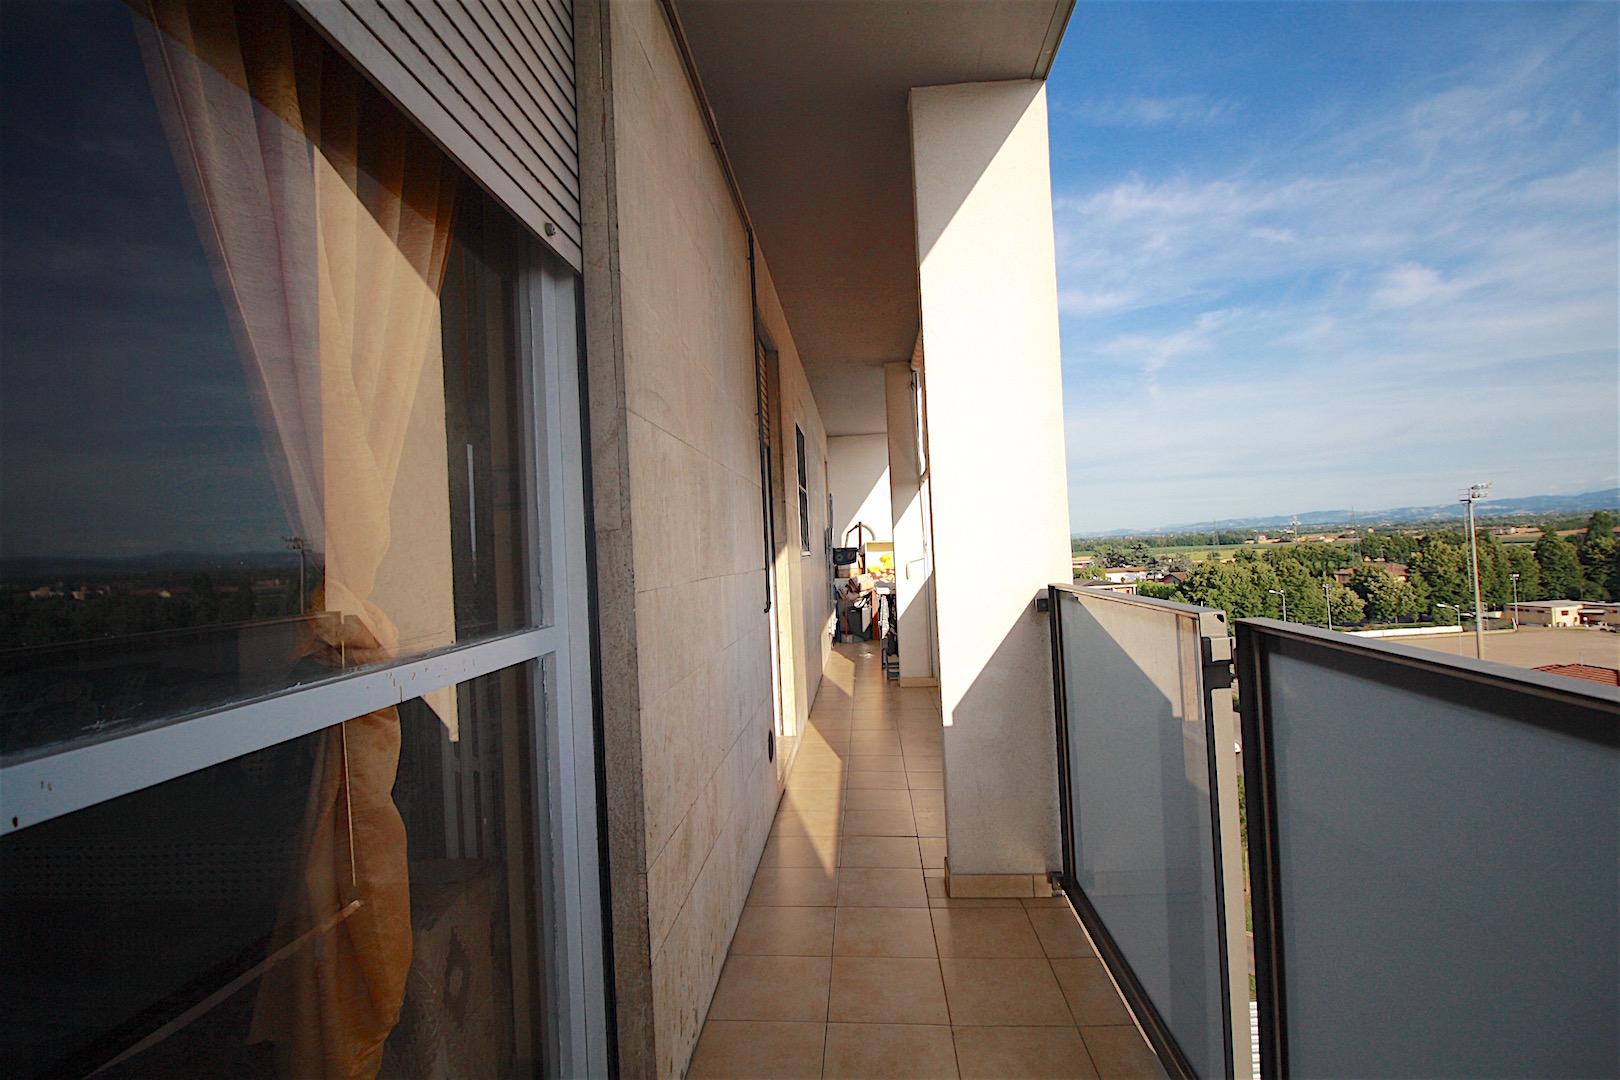 Appartamento in vendita a Sant'Ilario d'Enza, 6 locali, prezzo € 69.000 | CambioCasa.it